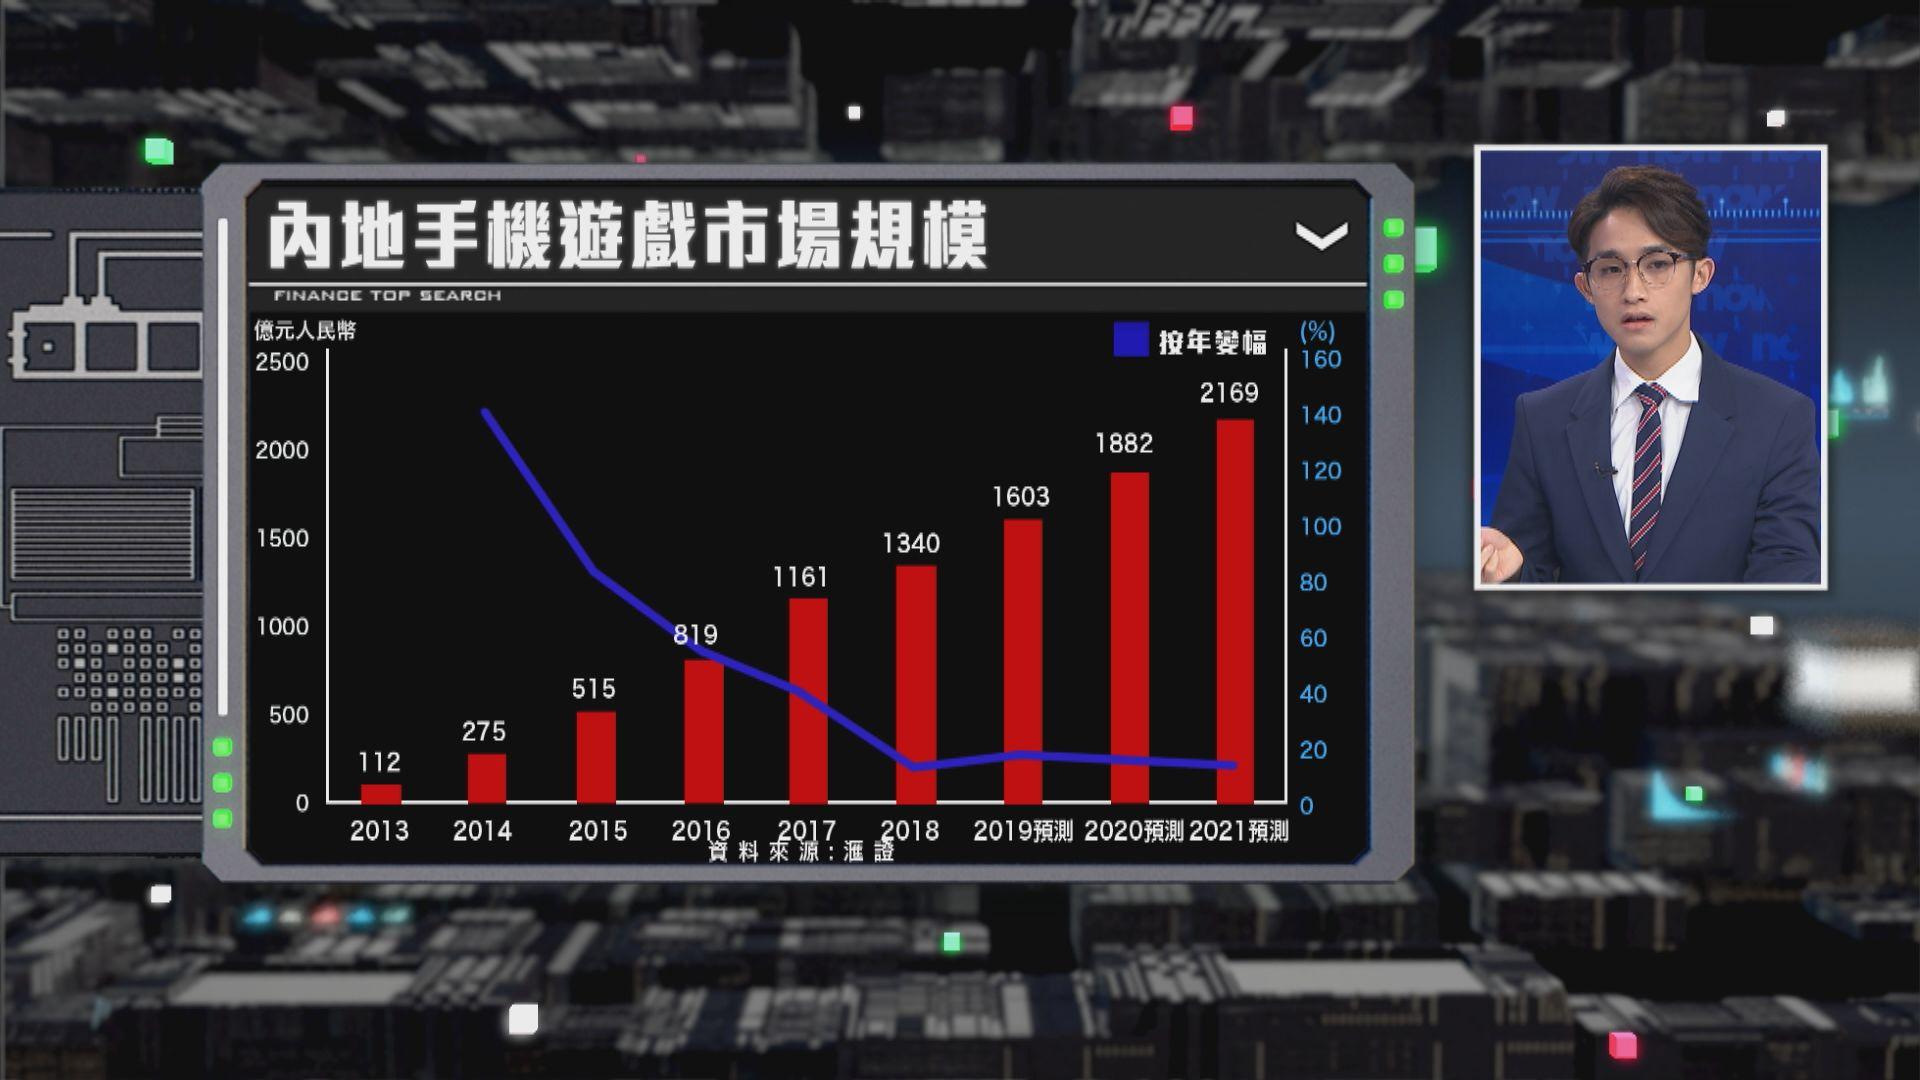 【財經TOP SEARCH】騰訊新財路:IP改編game